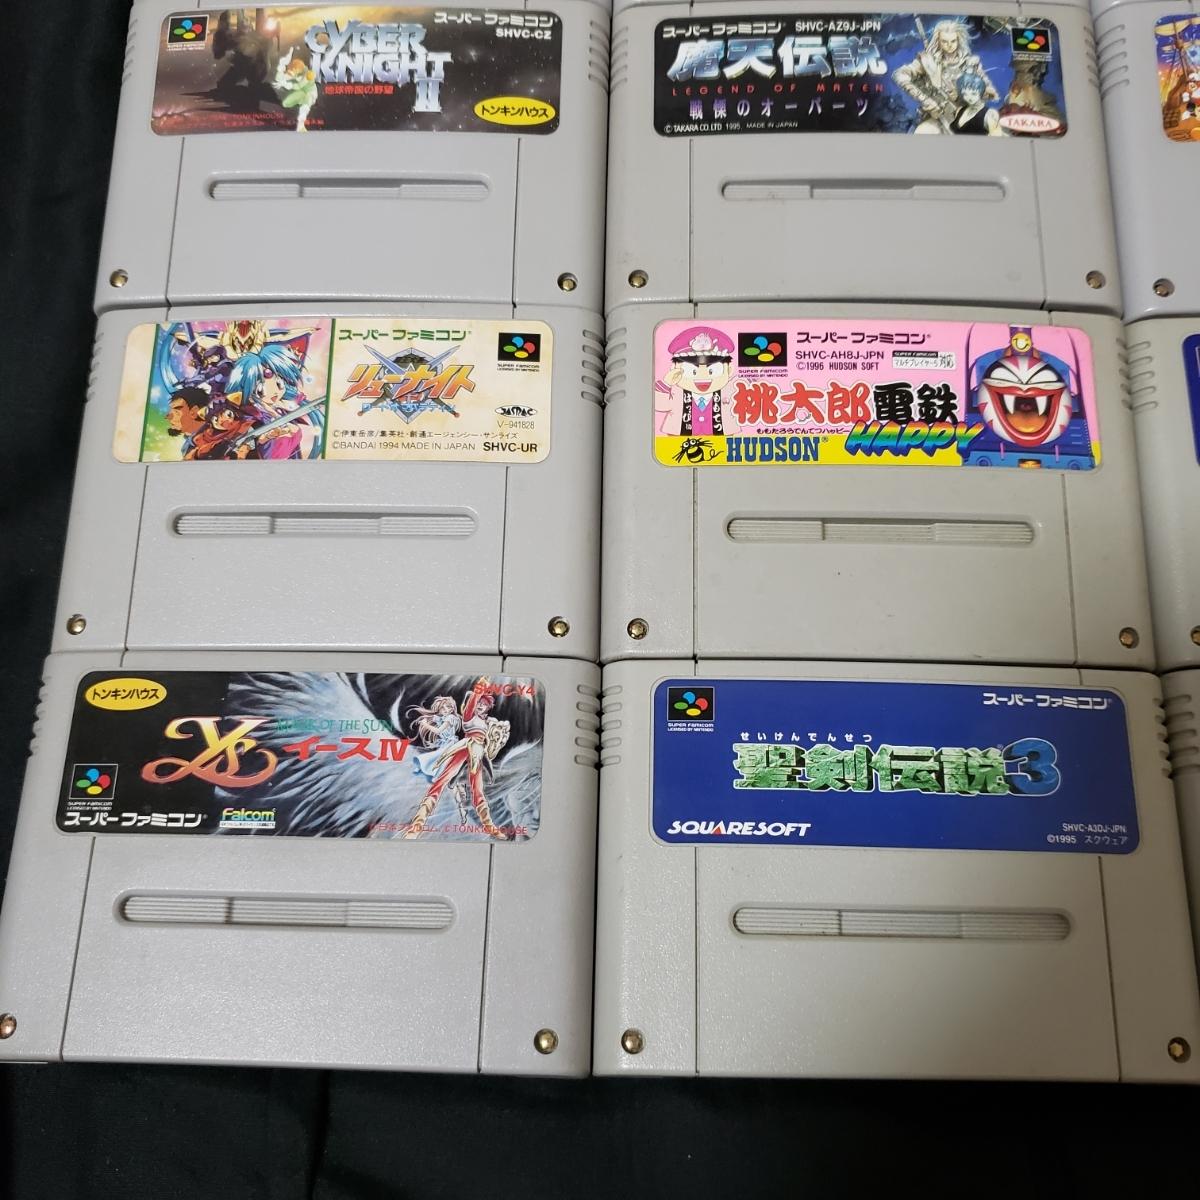 スーパーファミコンソフト16本セット ドラゴンクエスト3 ロックマン7 聖剣伝説3 グランヒストリア幻史世界記_画像5